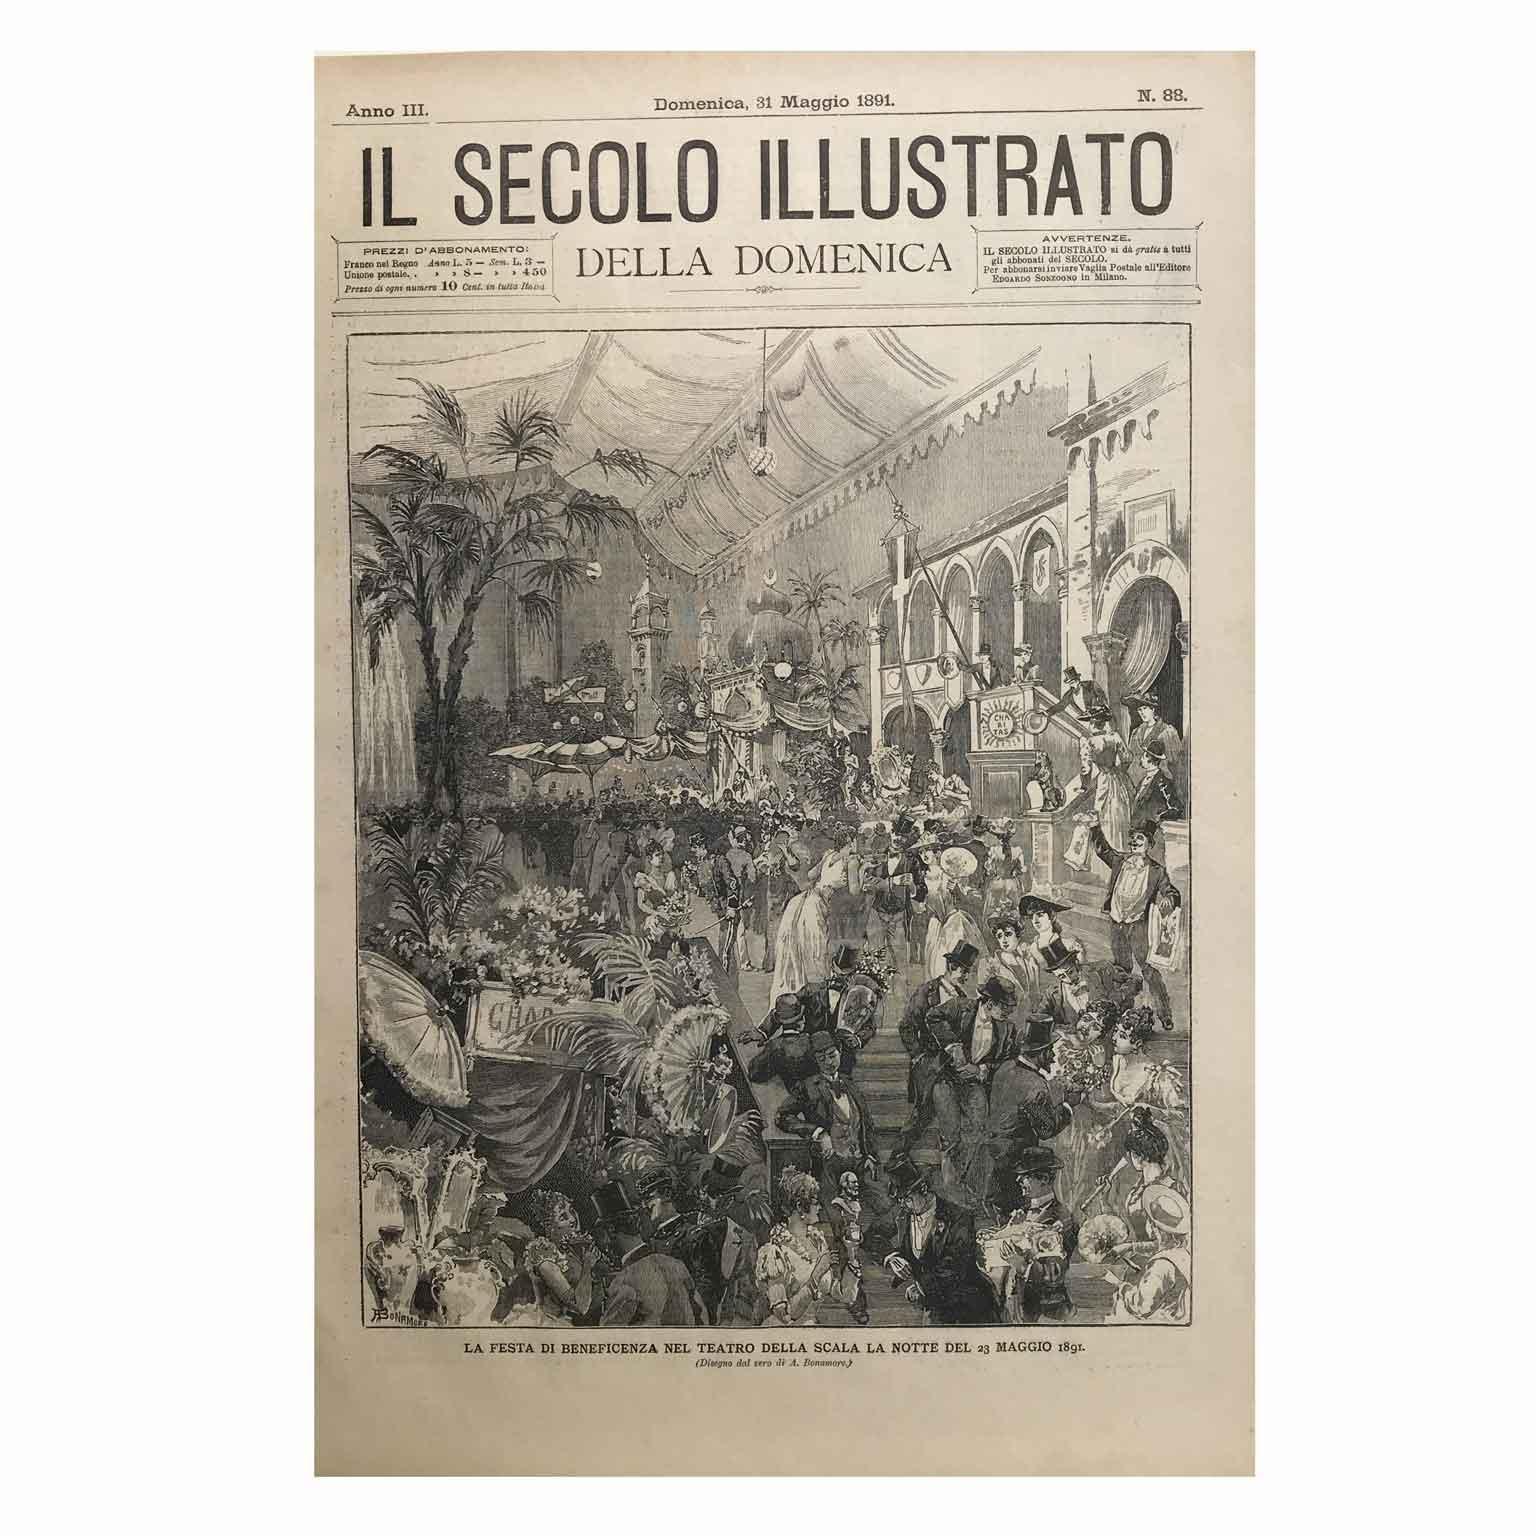 La festa di beneficenza nel Teatro della Scala la notte del 23 Maggio 1891